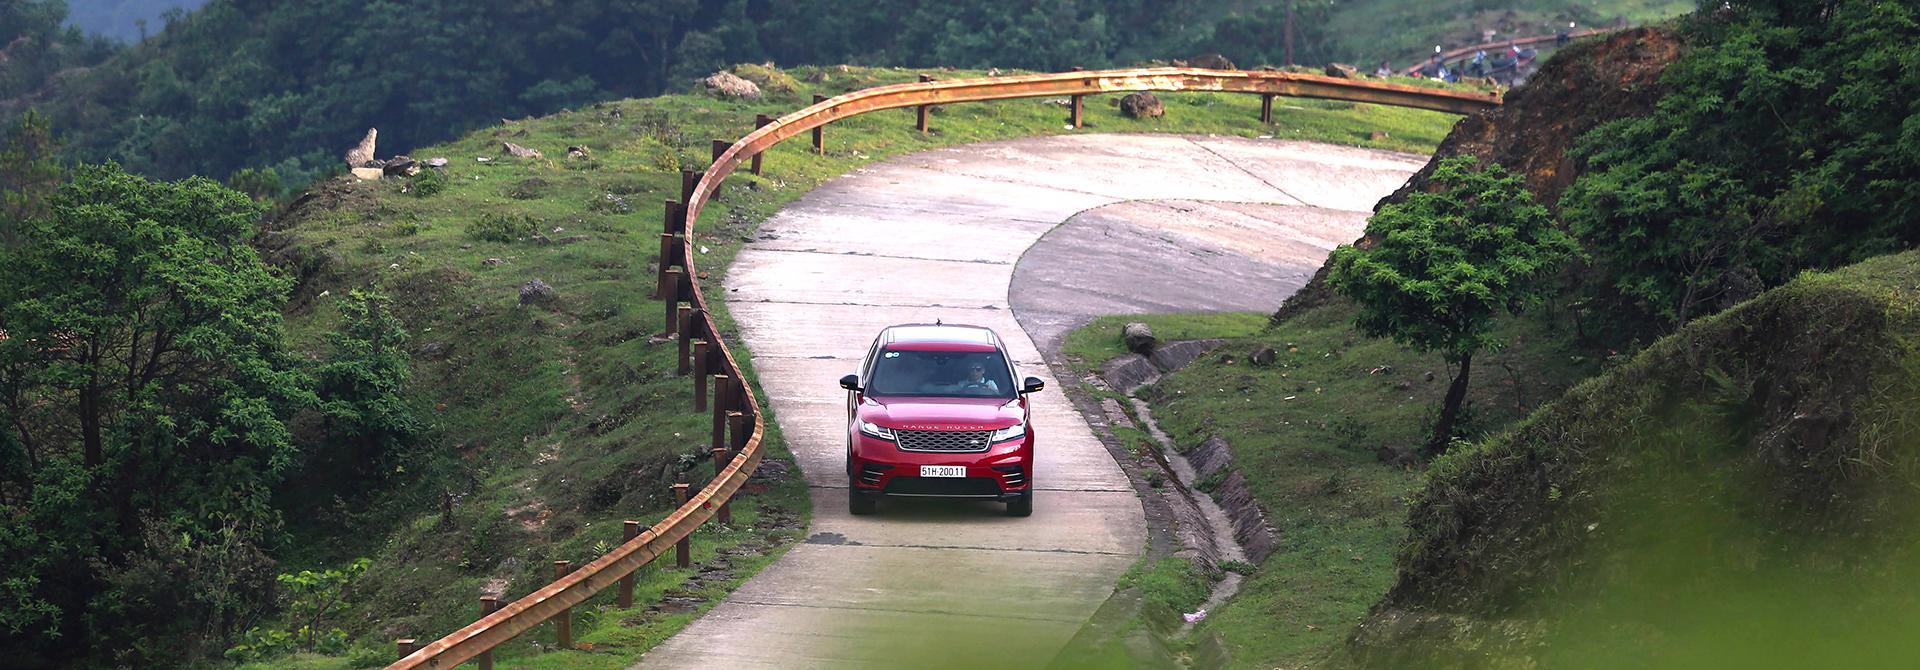 Đánh giá Range Rover Velar 2020: Sang trọng, lái chất nhưng ồn ào